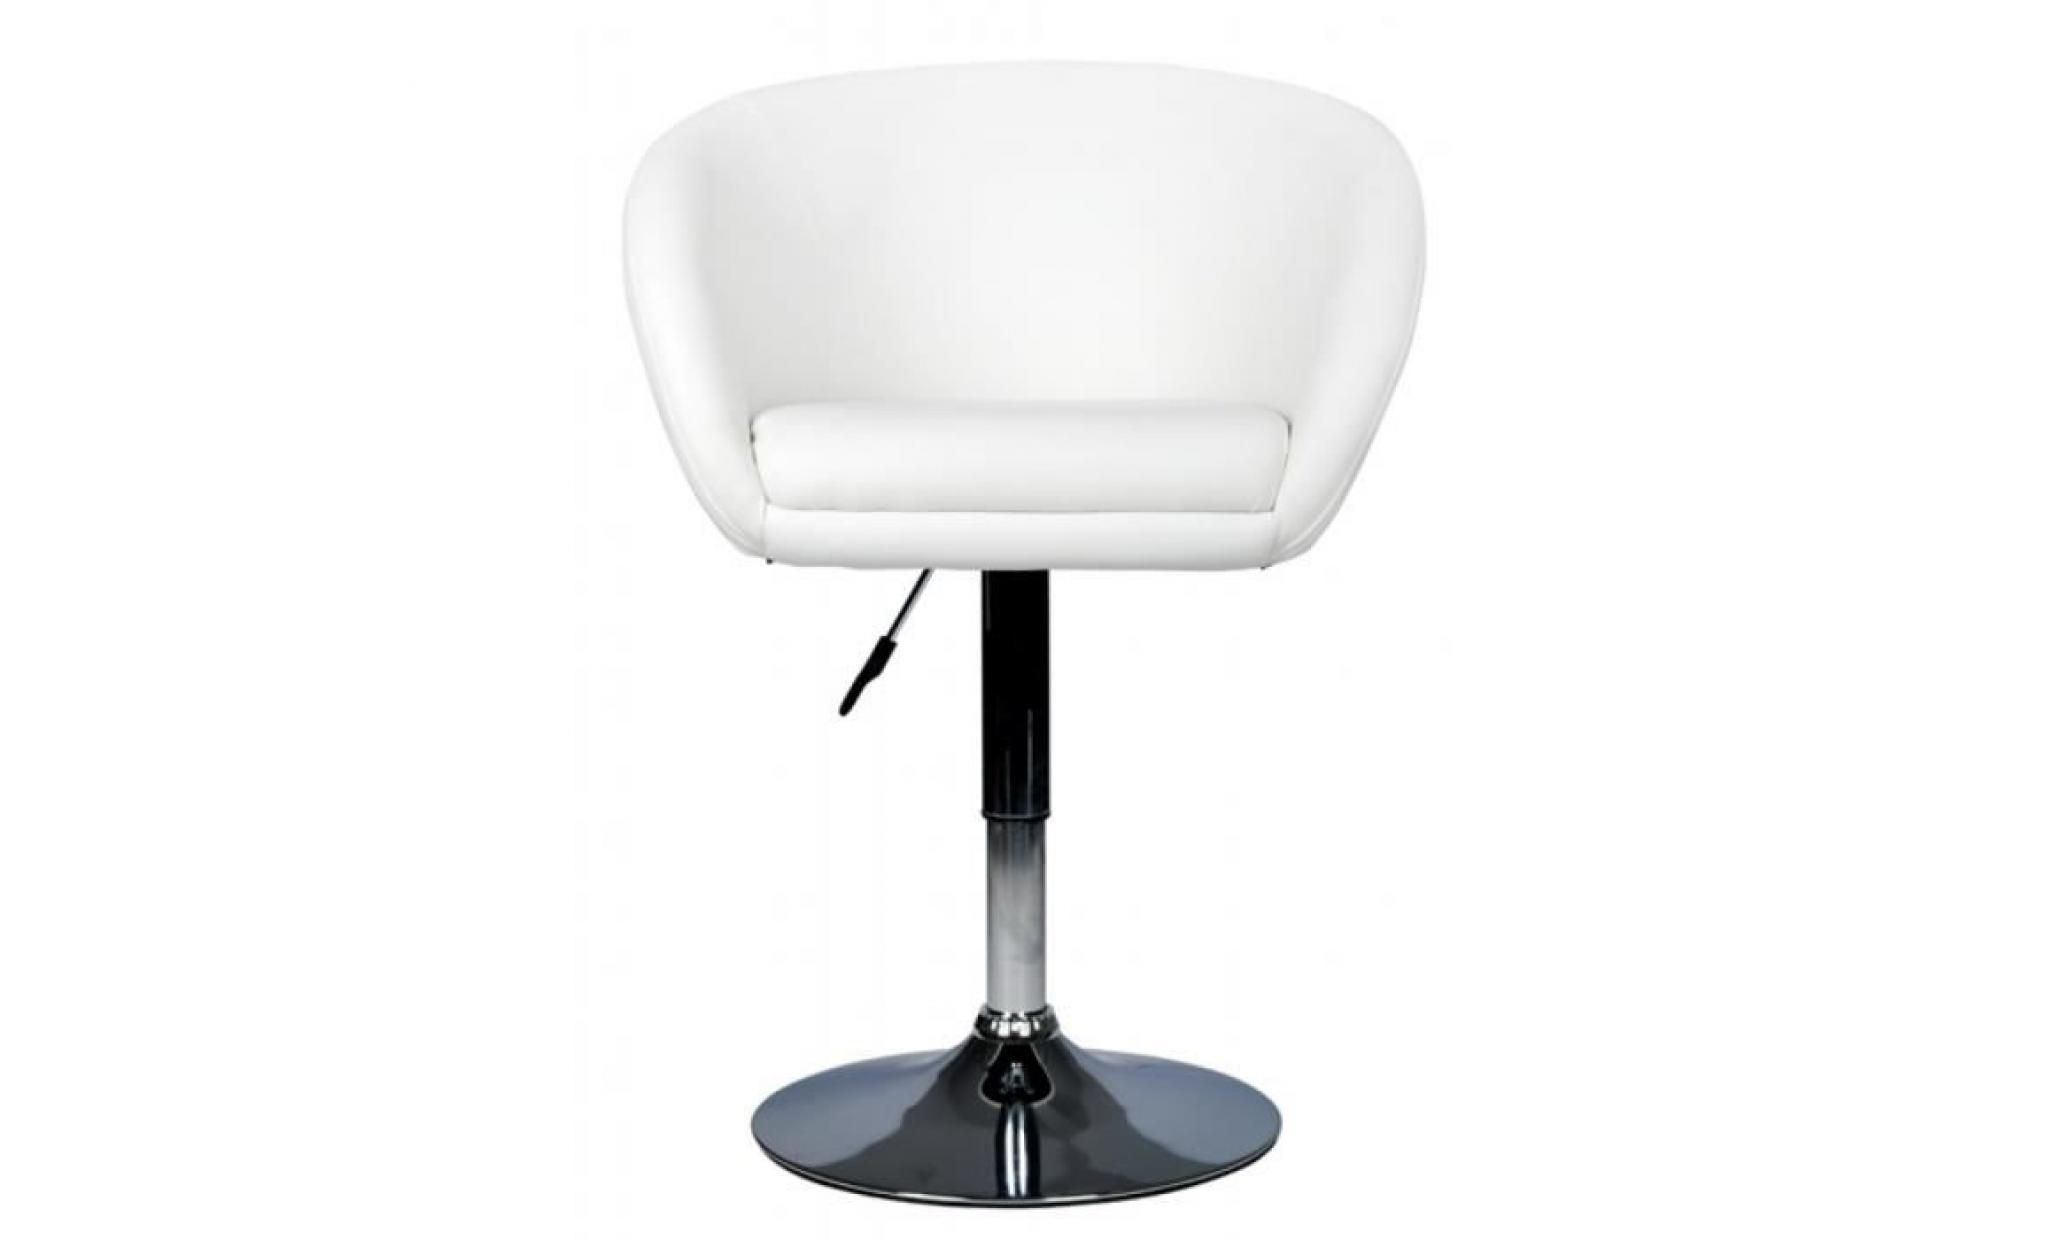 fauteuil rond pivotant achat vente fauteuil pas cher. Black Bedroom Furniture Sets. Home Design Ideas